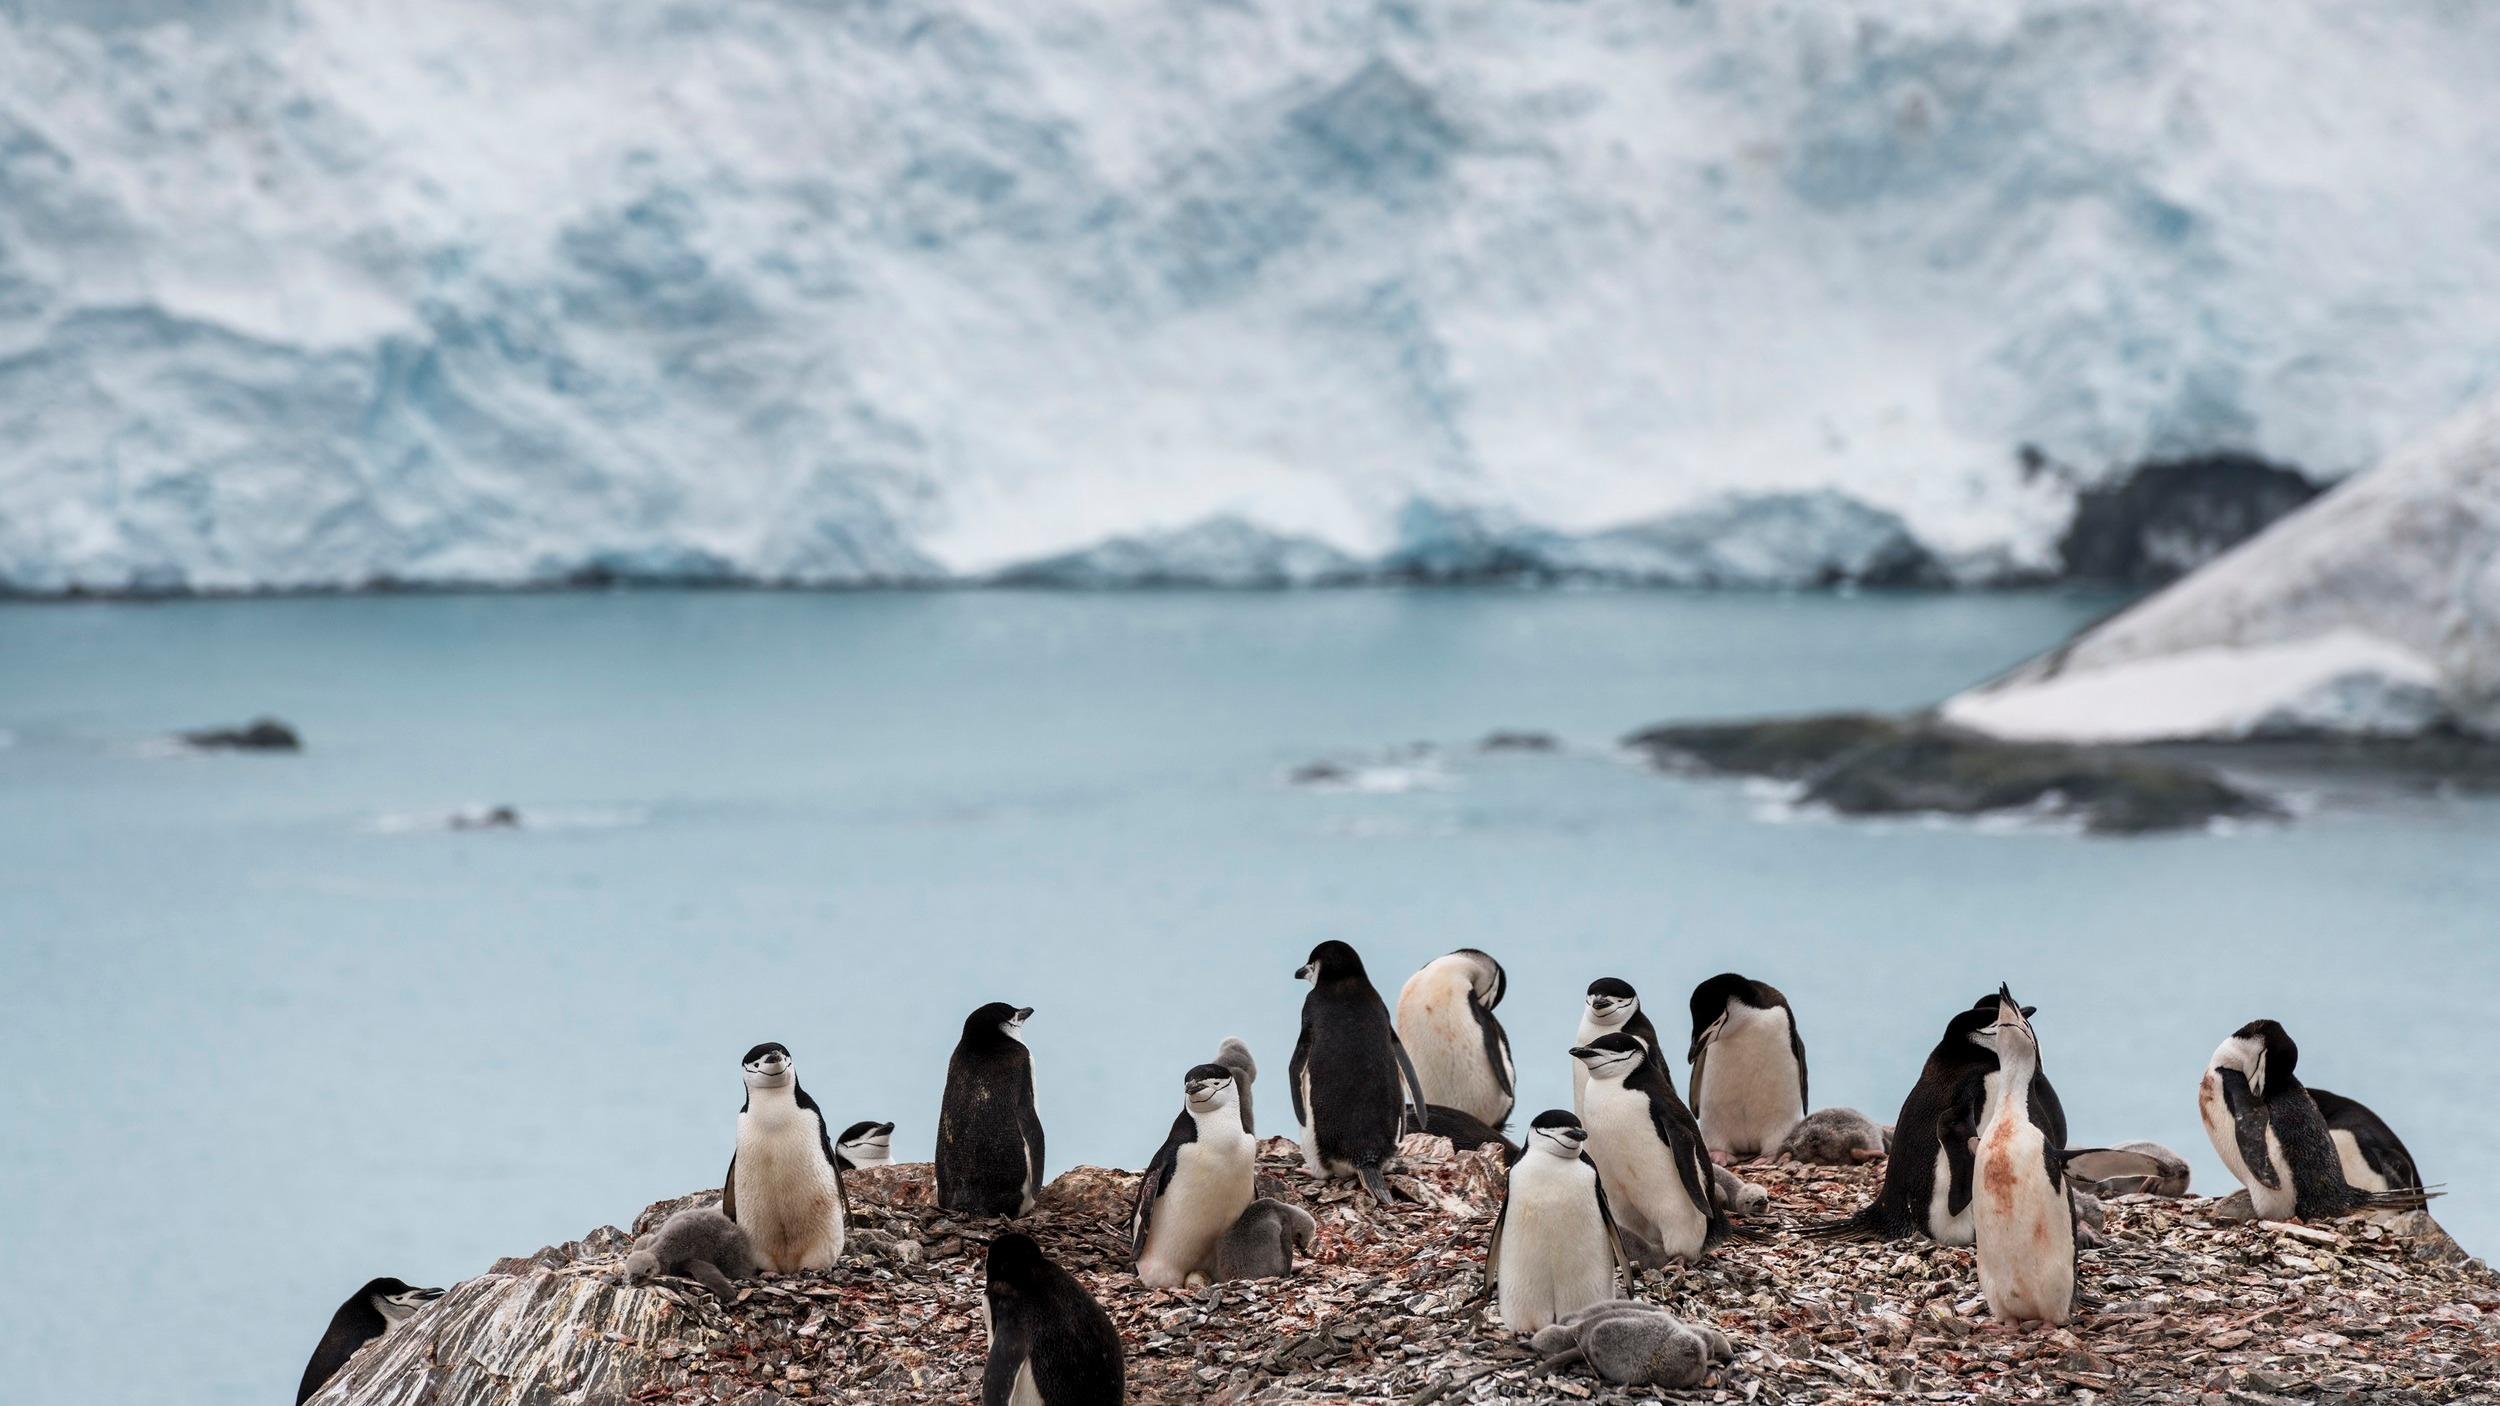 Lo que preocupa a los científicos es que la especie de mosquitos provenga de una zona fría y que ya esté preadaptada a las condiciones de la Antártida.